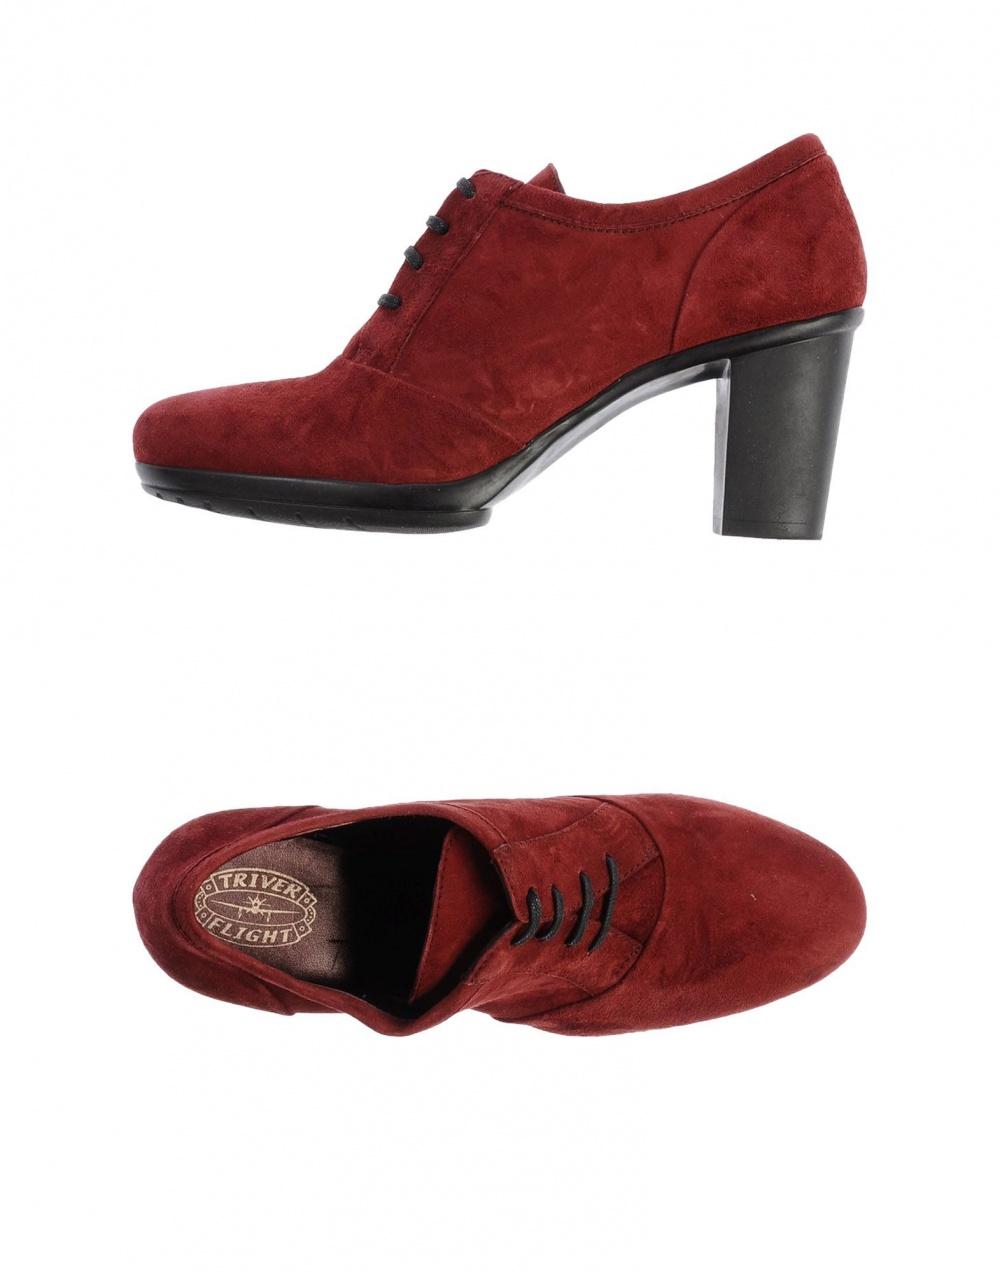 Замшевые ботинки на шнурках цвета бургундия Triver Flight,38eu